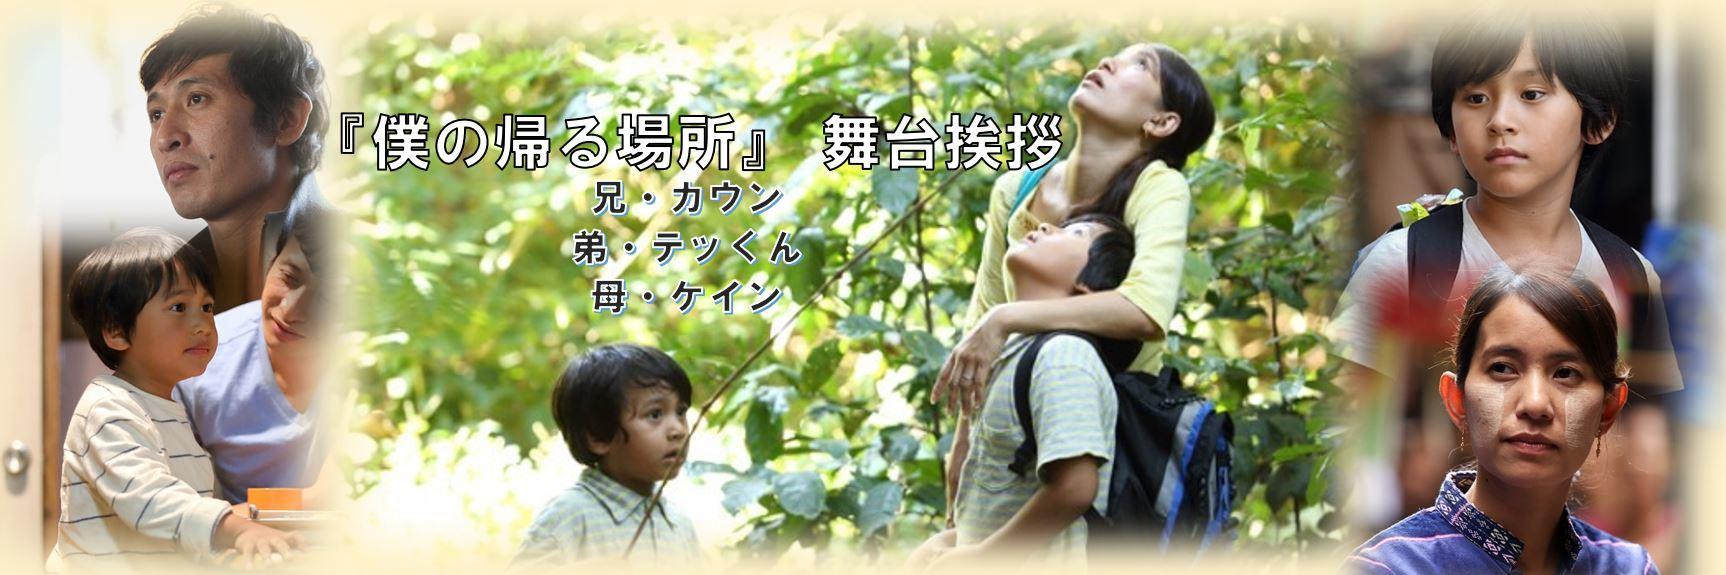 boku_title2.jpg